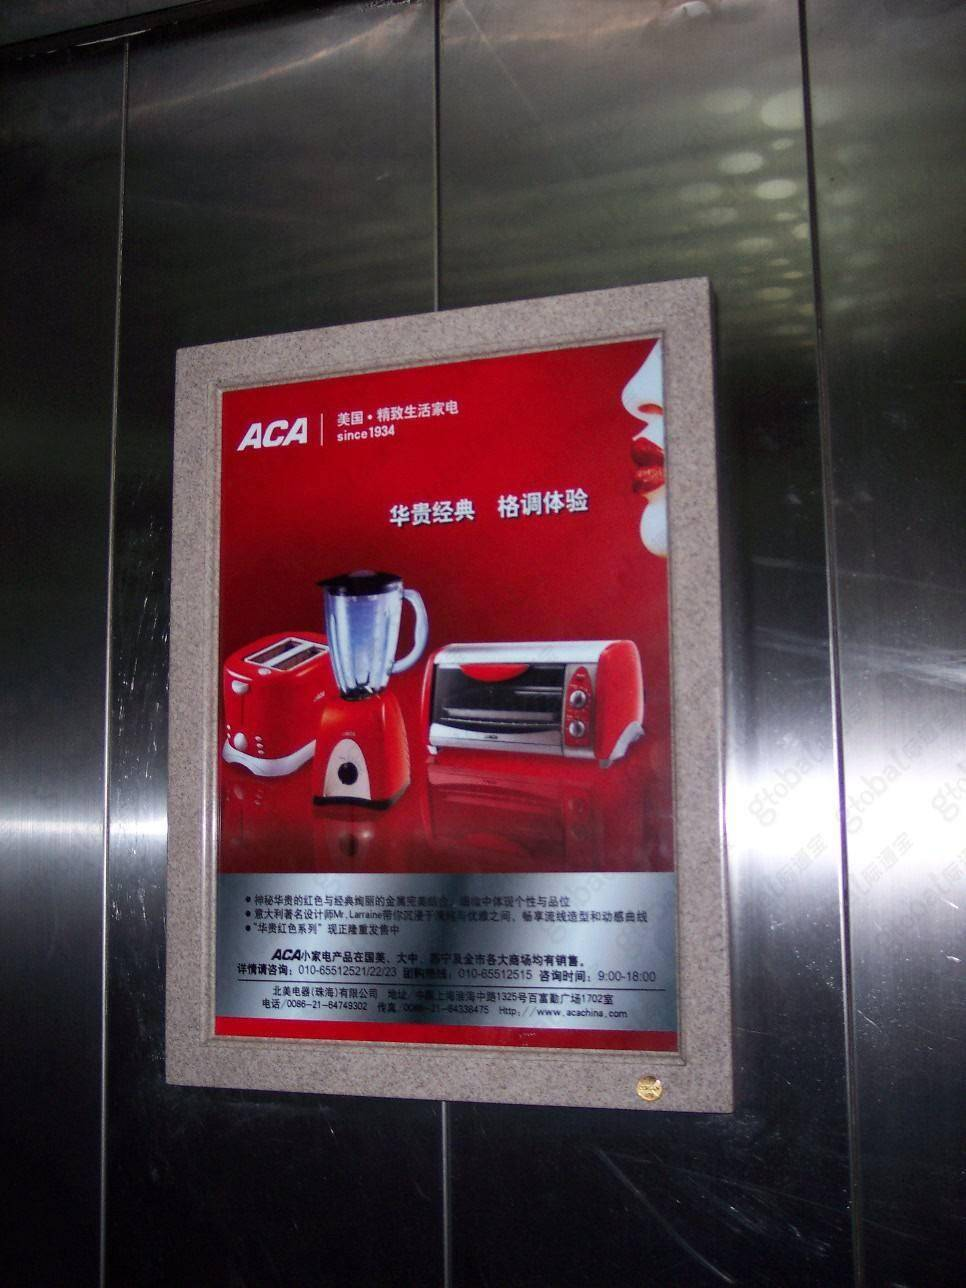 邯郸电梯广告公司广告牌框架3.0投放(100框起投)